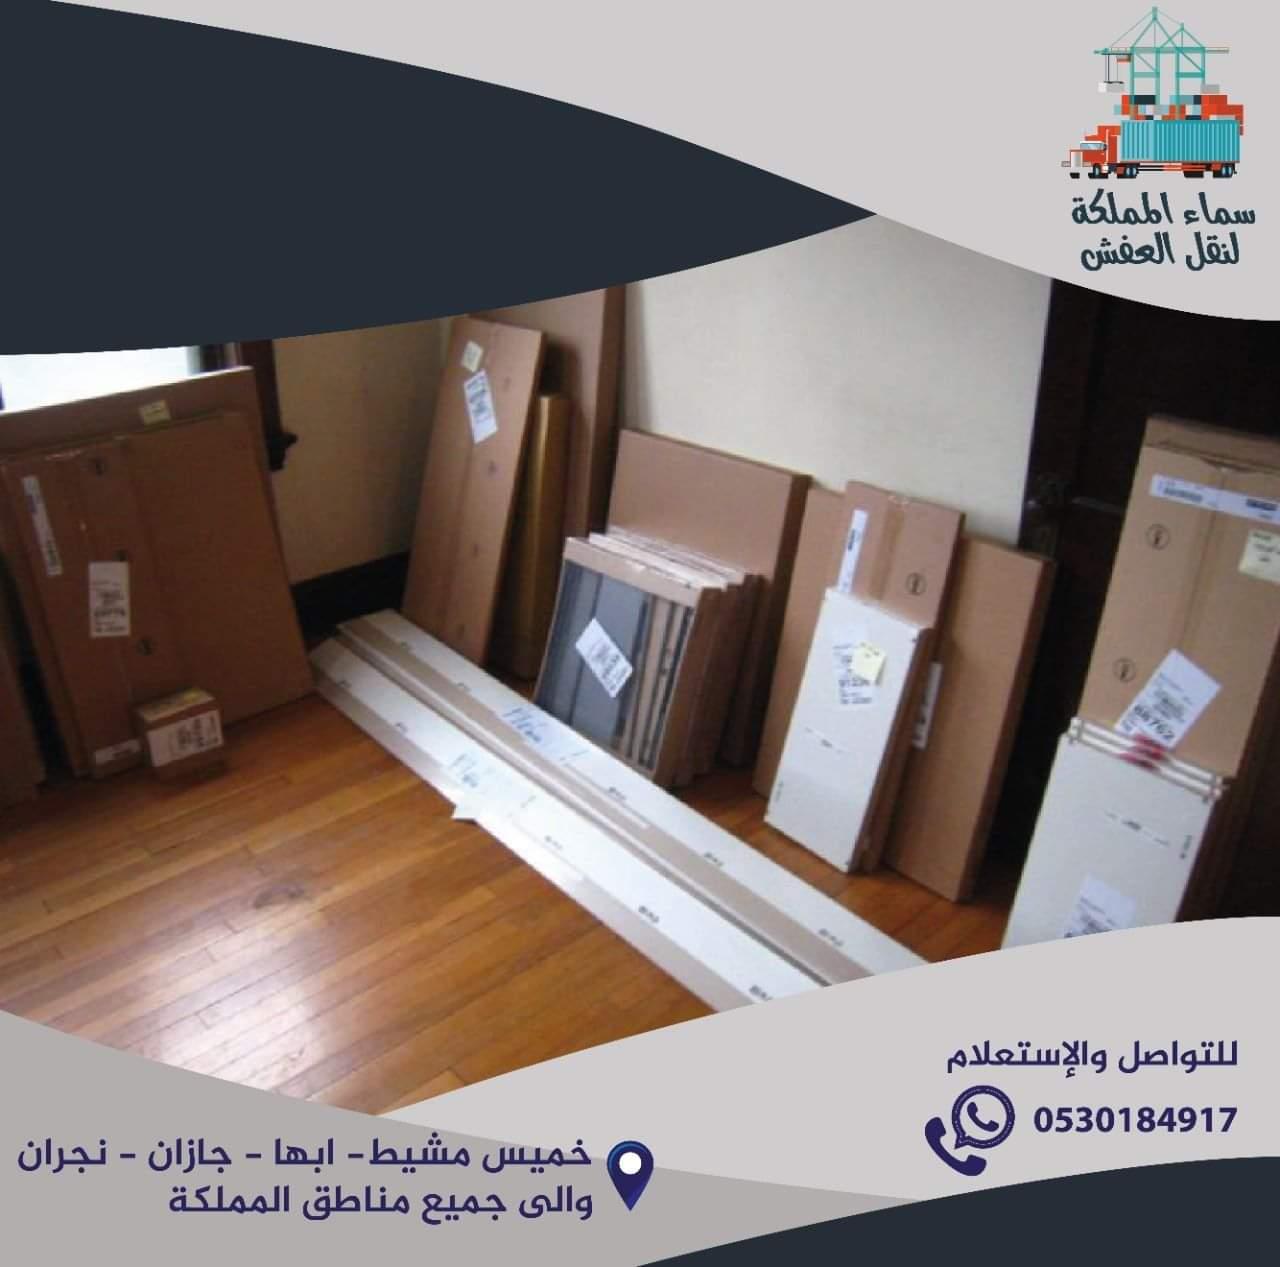 شركة نقل عفش بحائل 0530184917